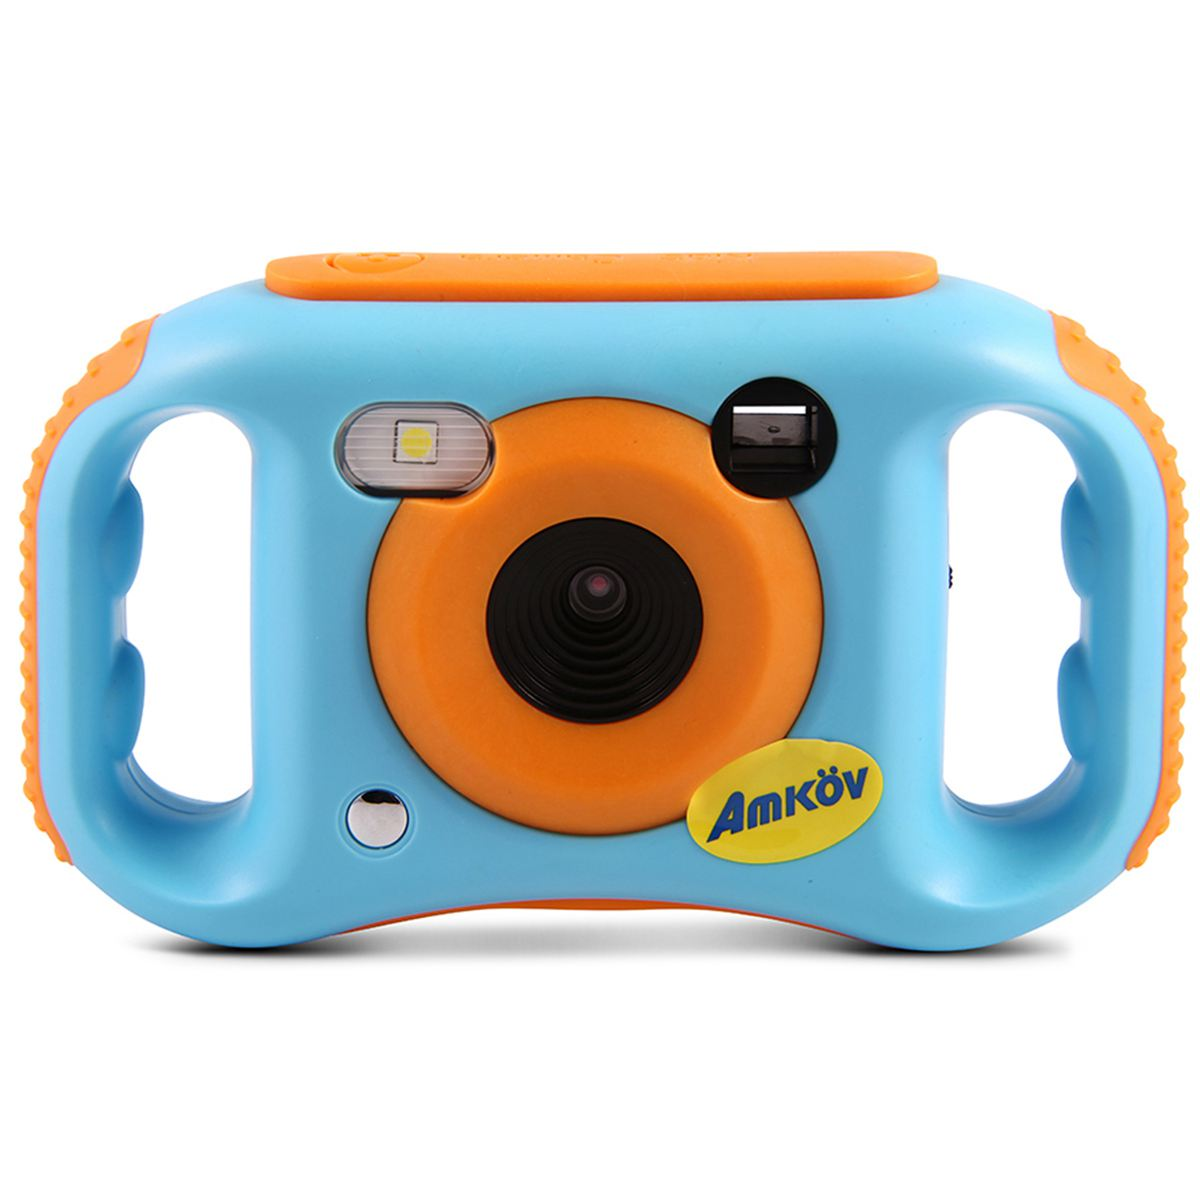 Amkov enfants caméra vidéo numérique connexion WiFi 5 mégapixels cadeau pour enfants garçons filles